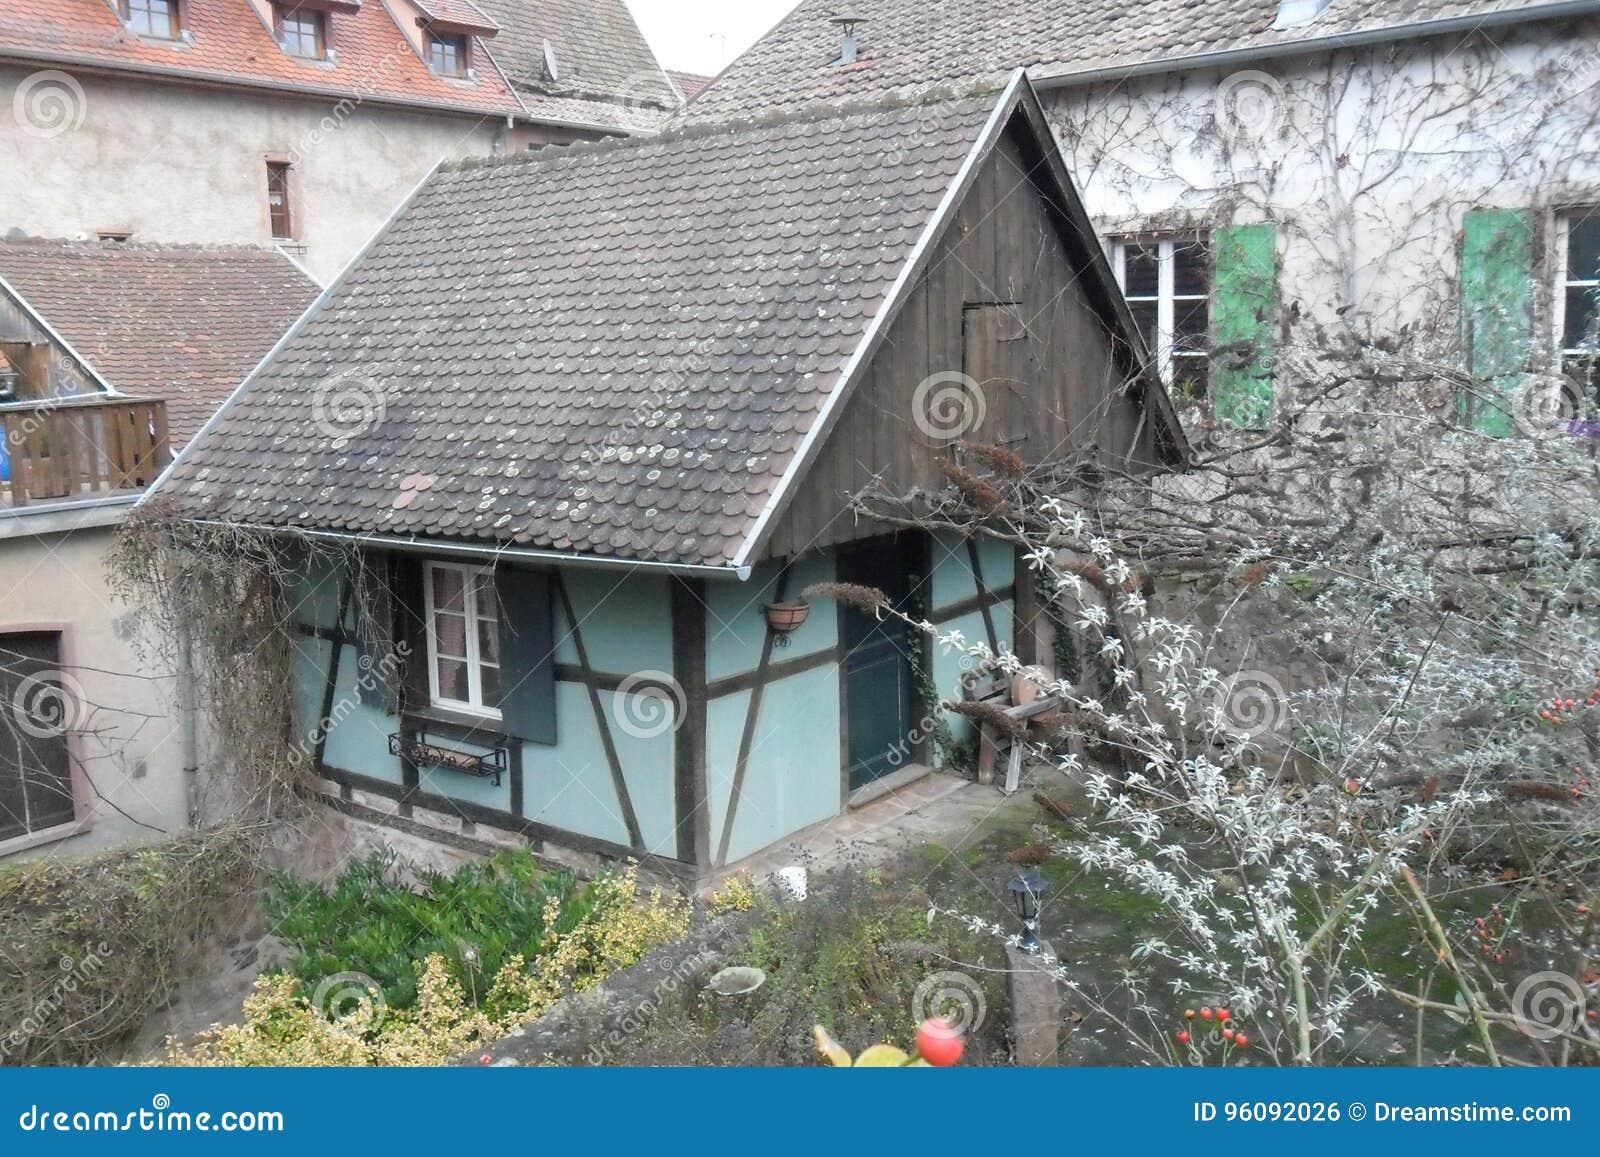 Ein Blau halb--timberedhouse in Ribeauvillé in Frankreich